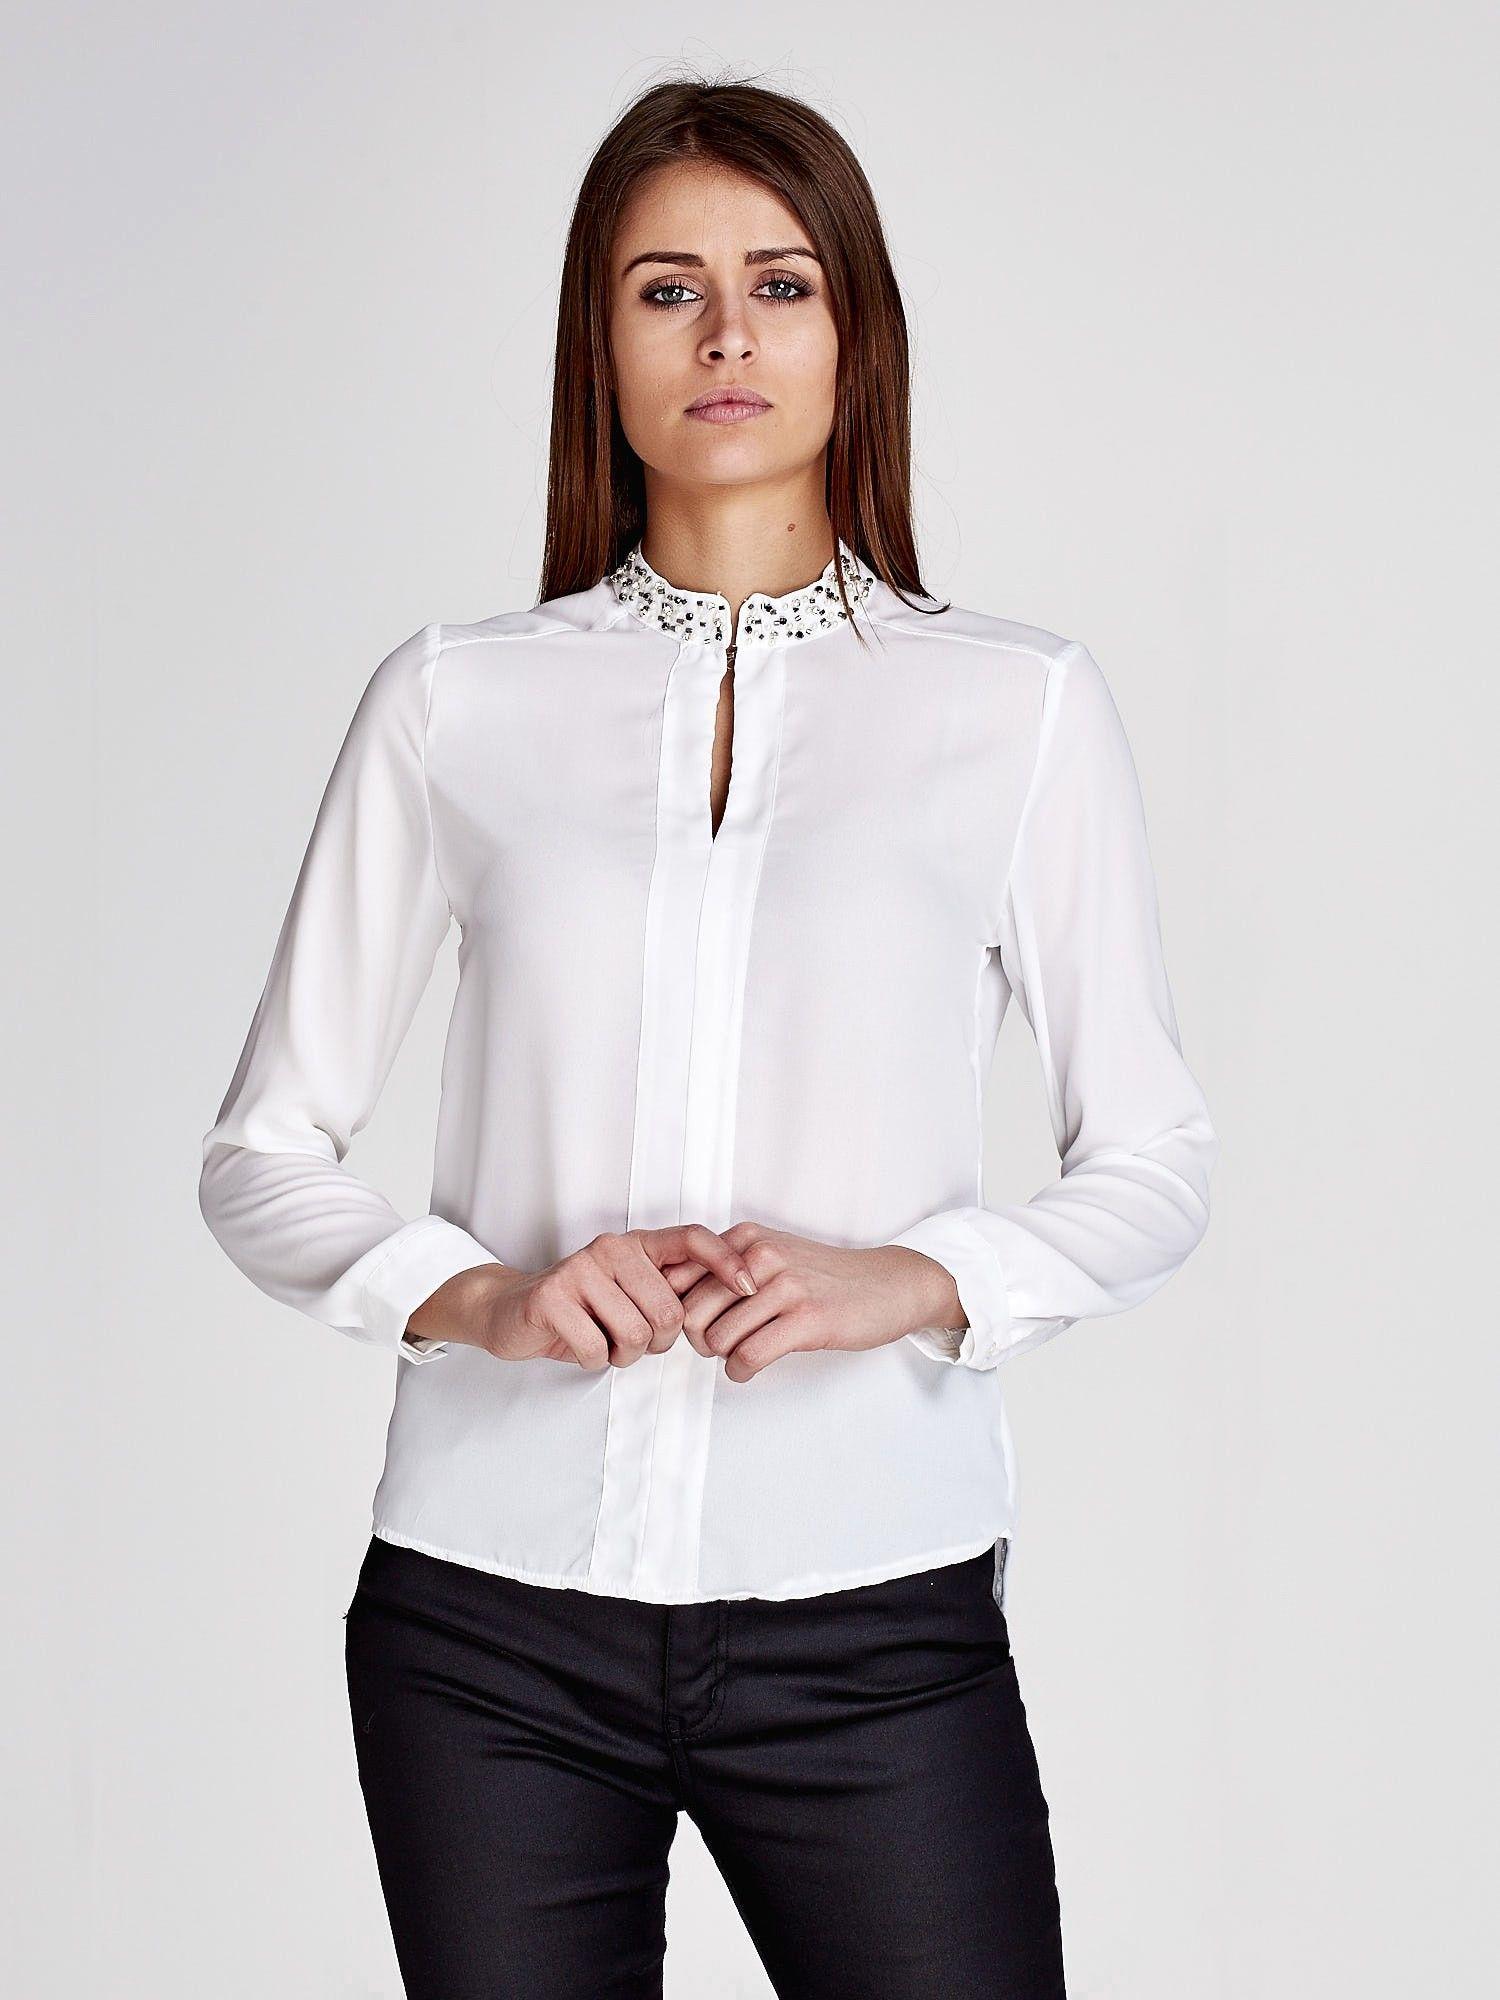 Białe i czarne koszule damskie